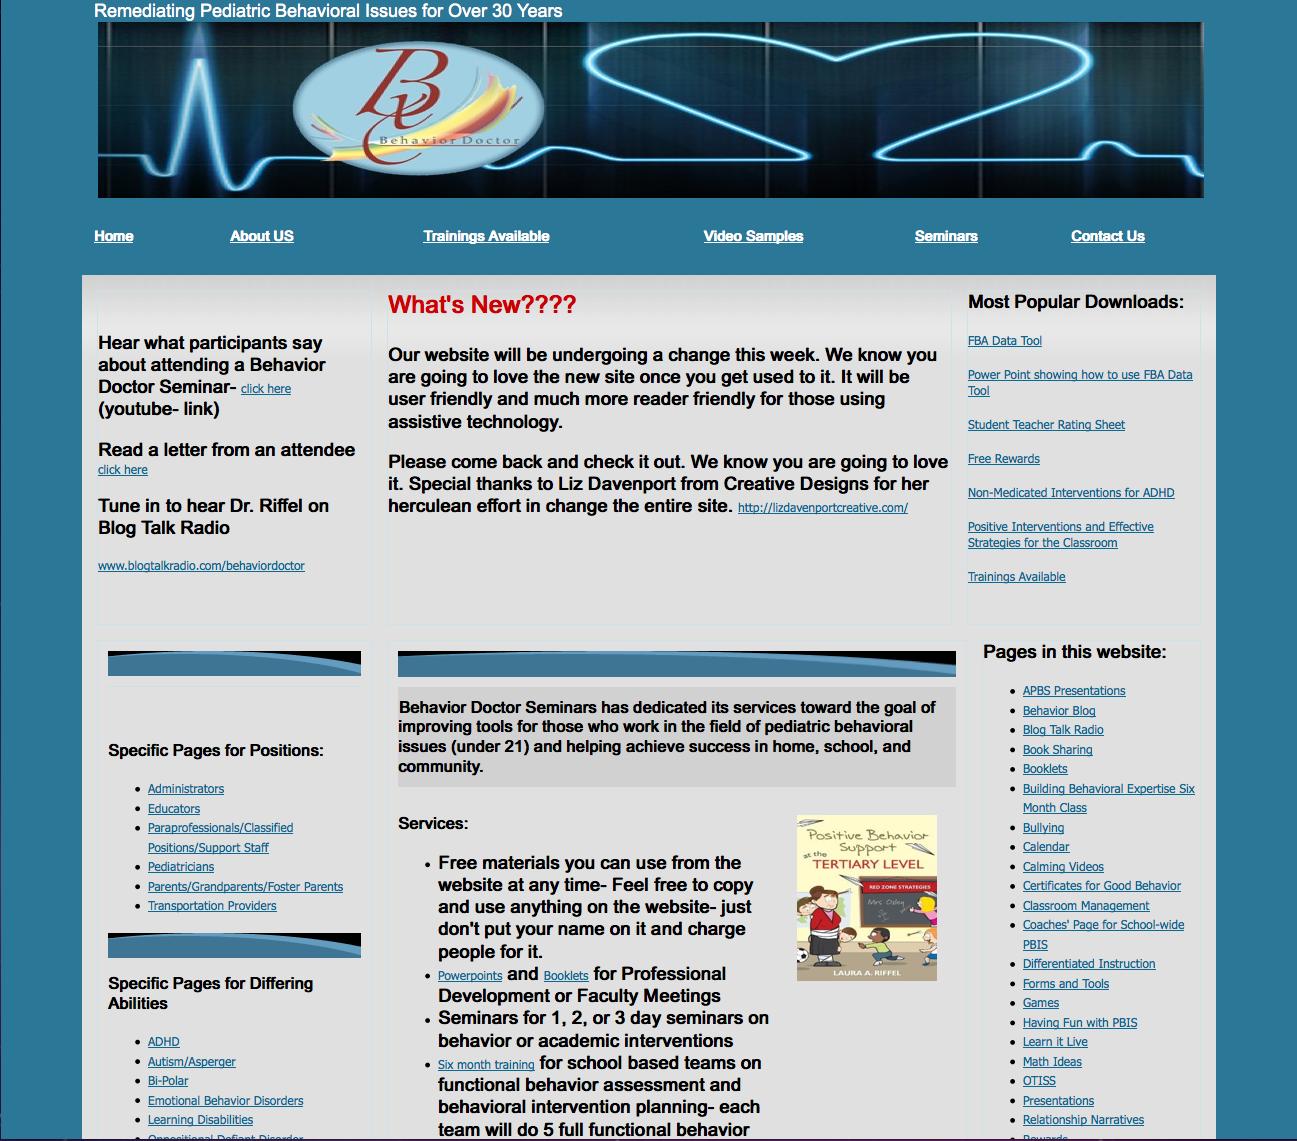 Behavior Doctor Seminars _ Old site